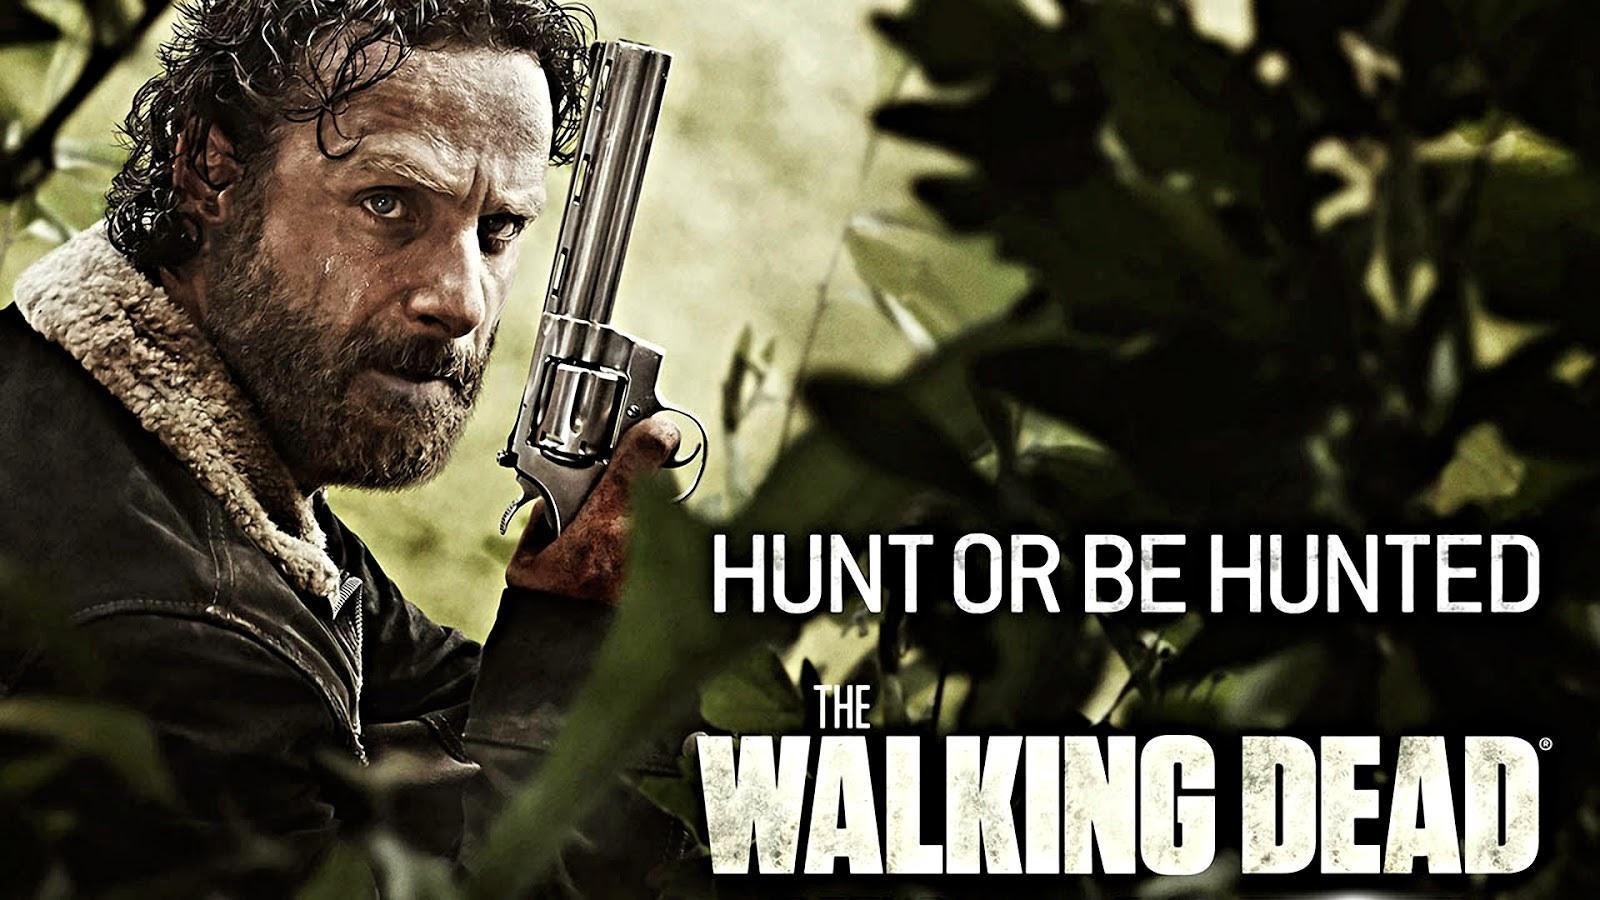 The-Walking-Dead-Season-5-Poster-Wallpaper